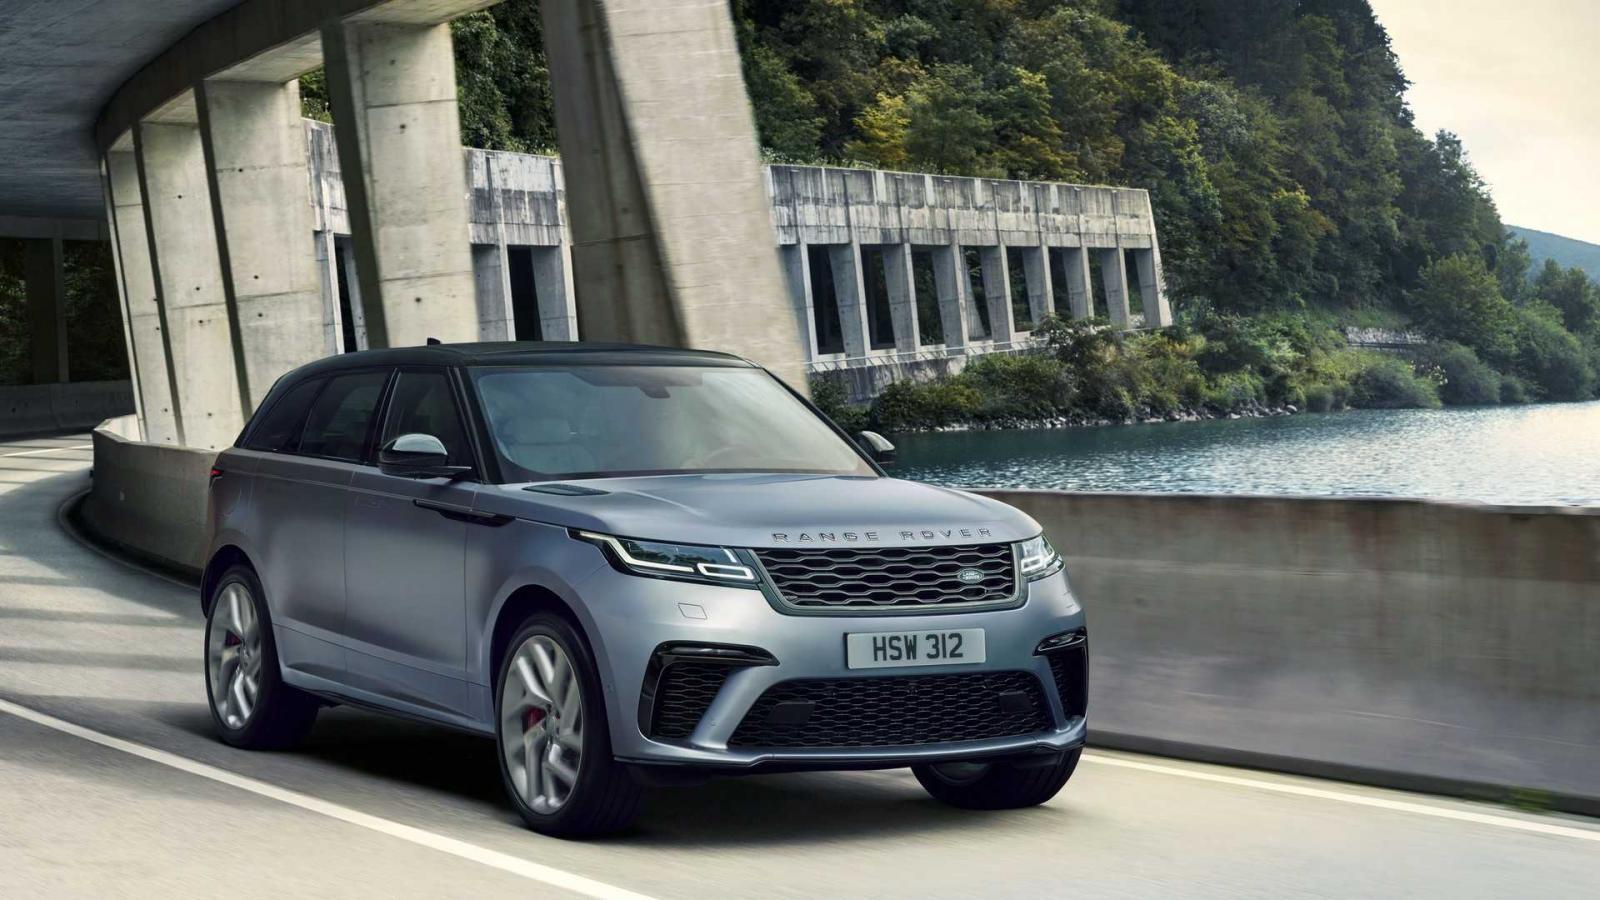 Range Rover Velar SVAutobiography Dynamic Edition tăng tốc từ 0-100 km/h trong 4,5 giây